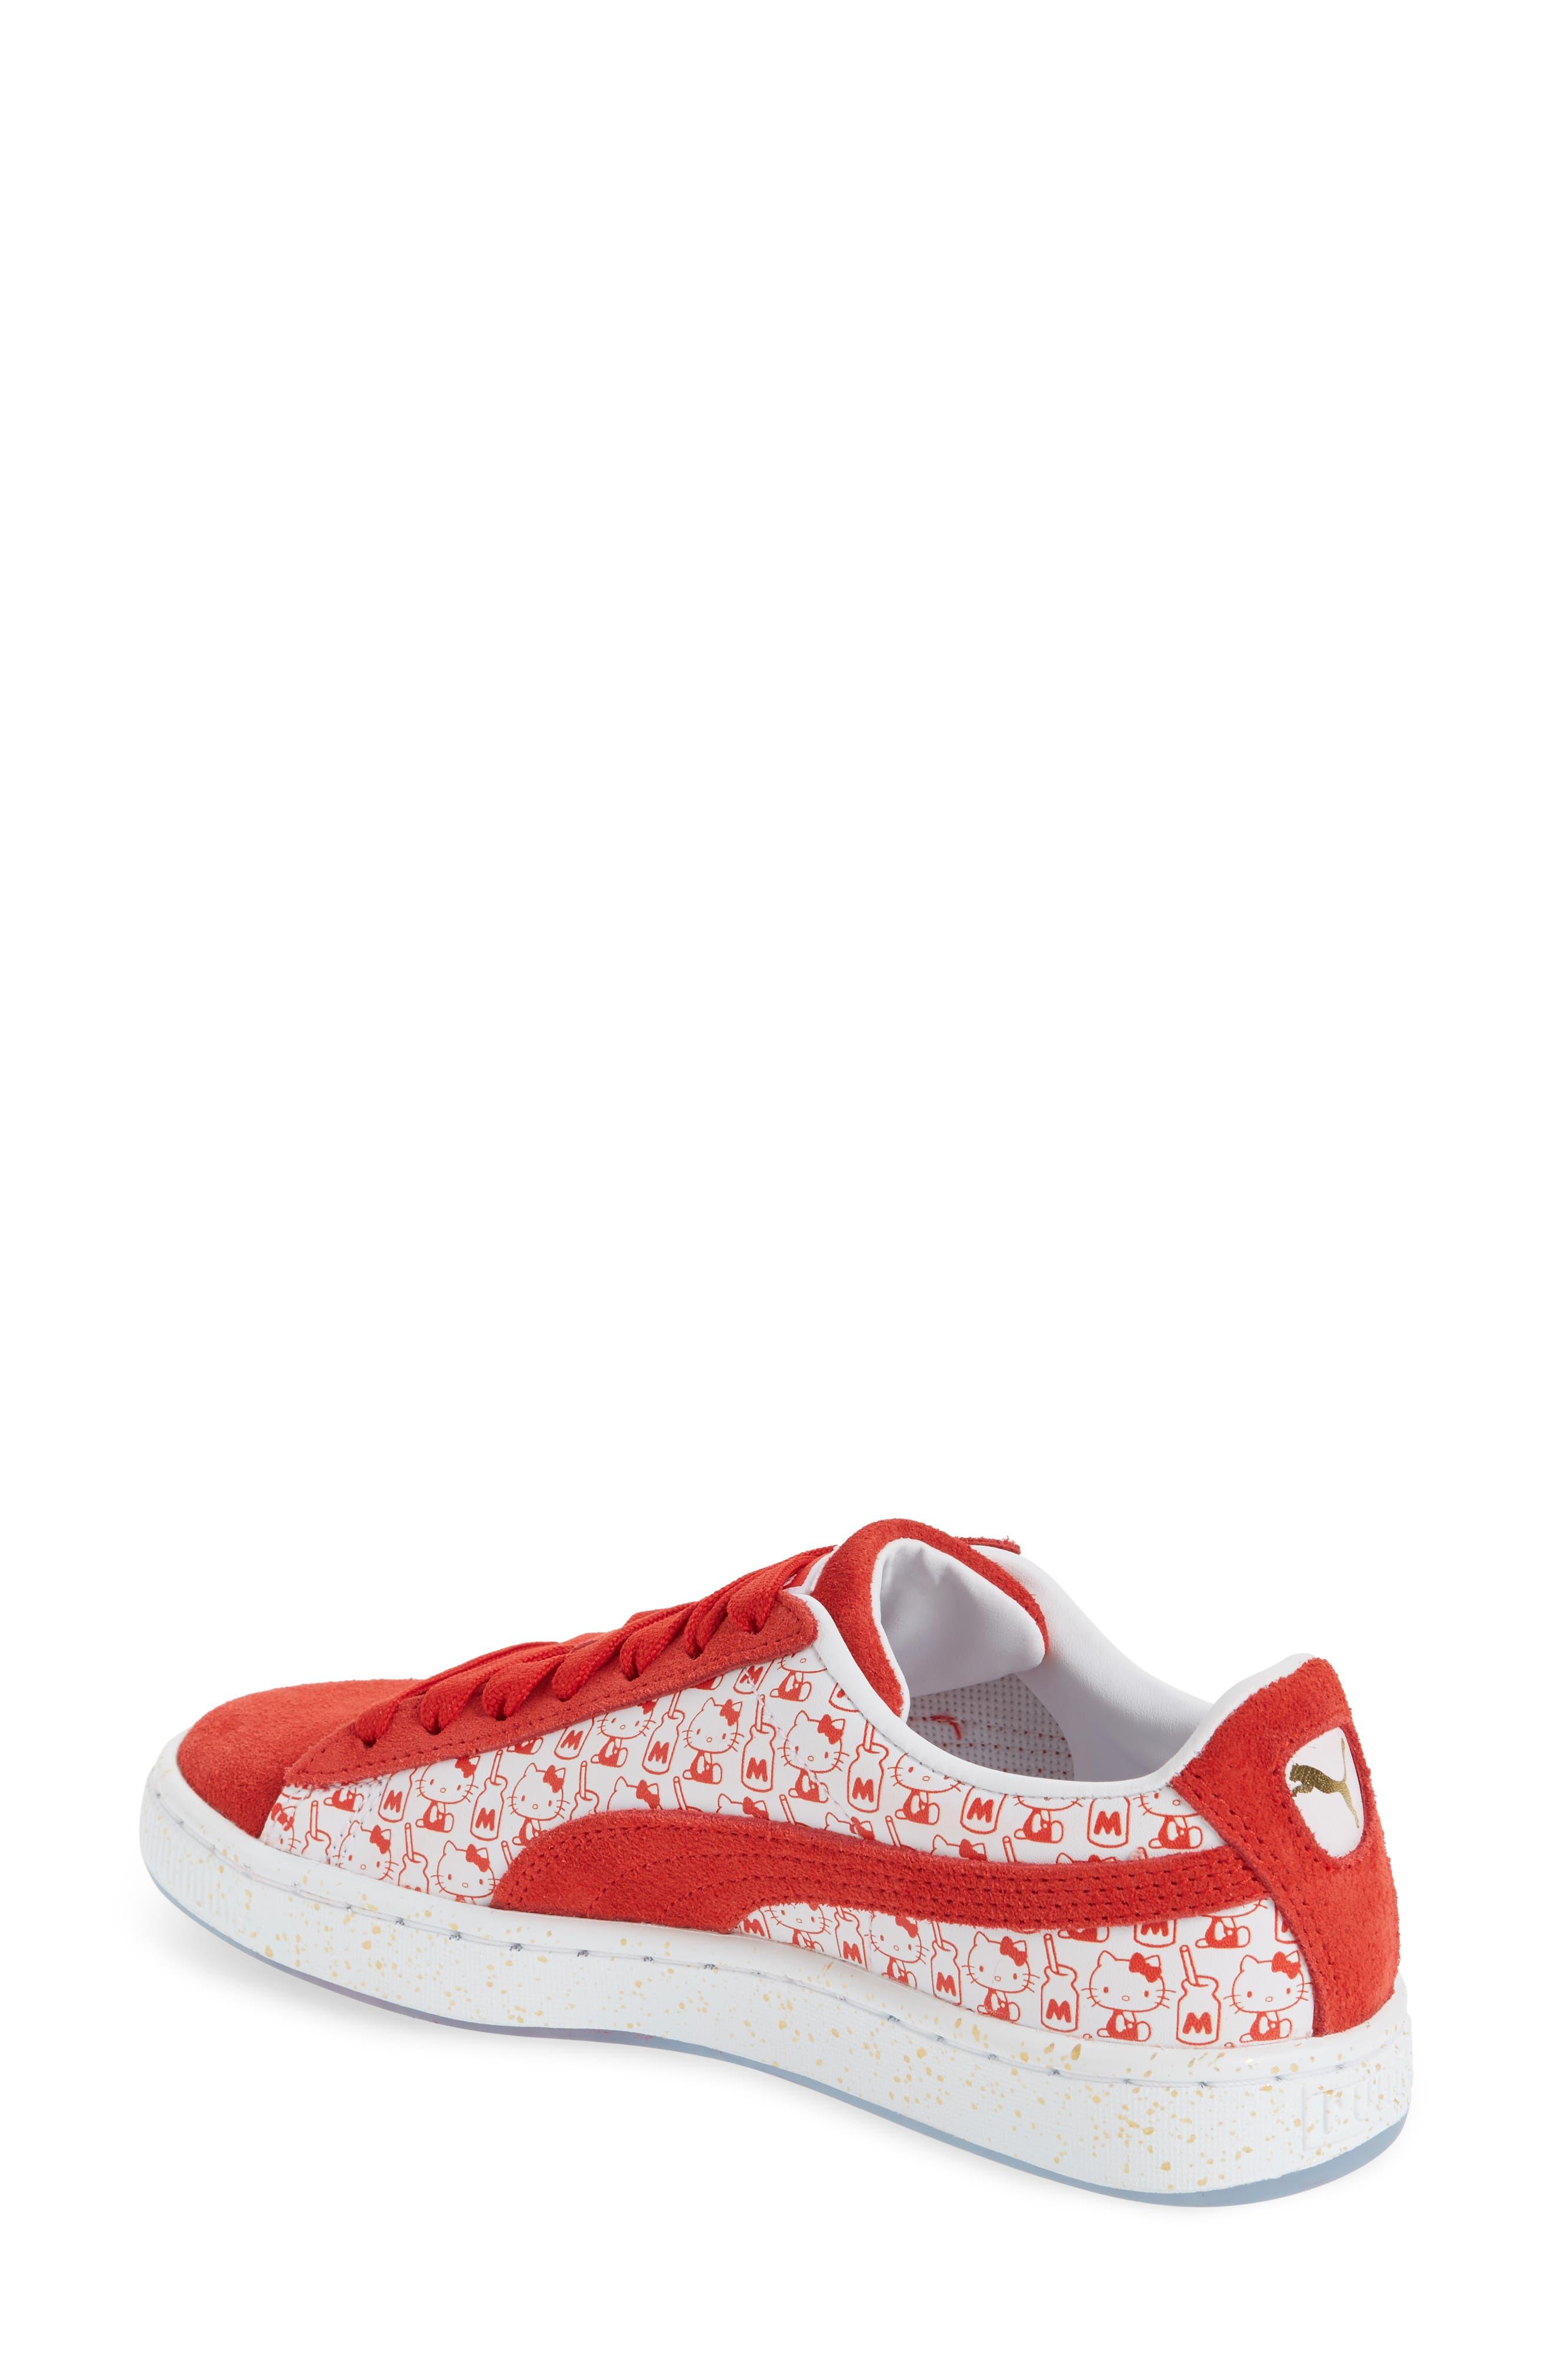 Footlocker réduction Finishline Réduction en Chine Nike Blazer Chariot Rouge Mi Millésime dernier nouveau pas cher original jeu 2Xa1AnSxAJ